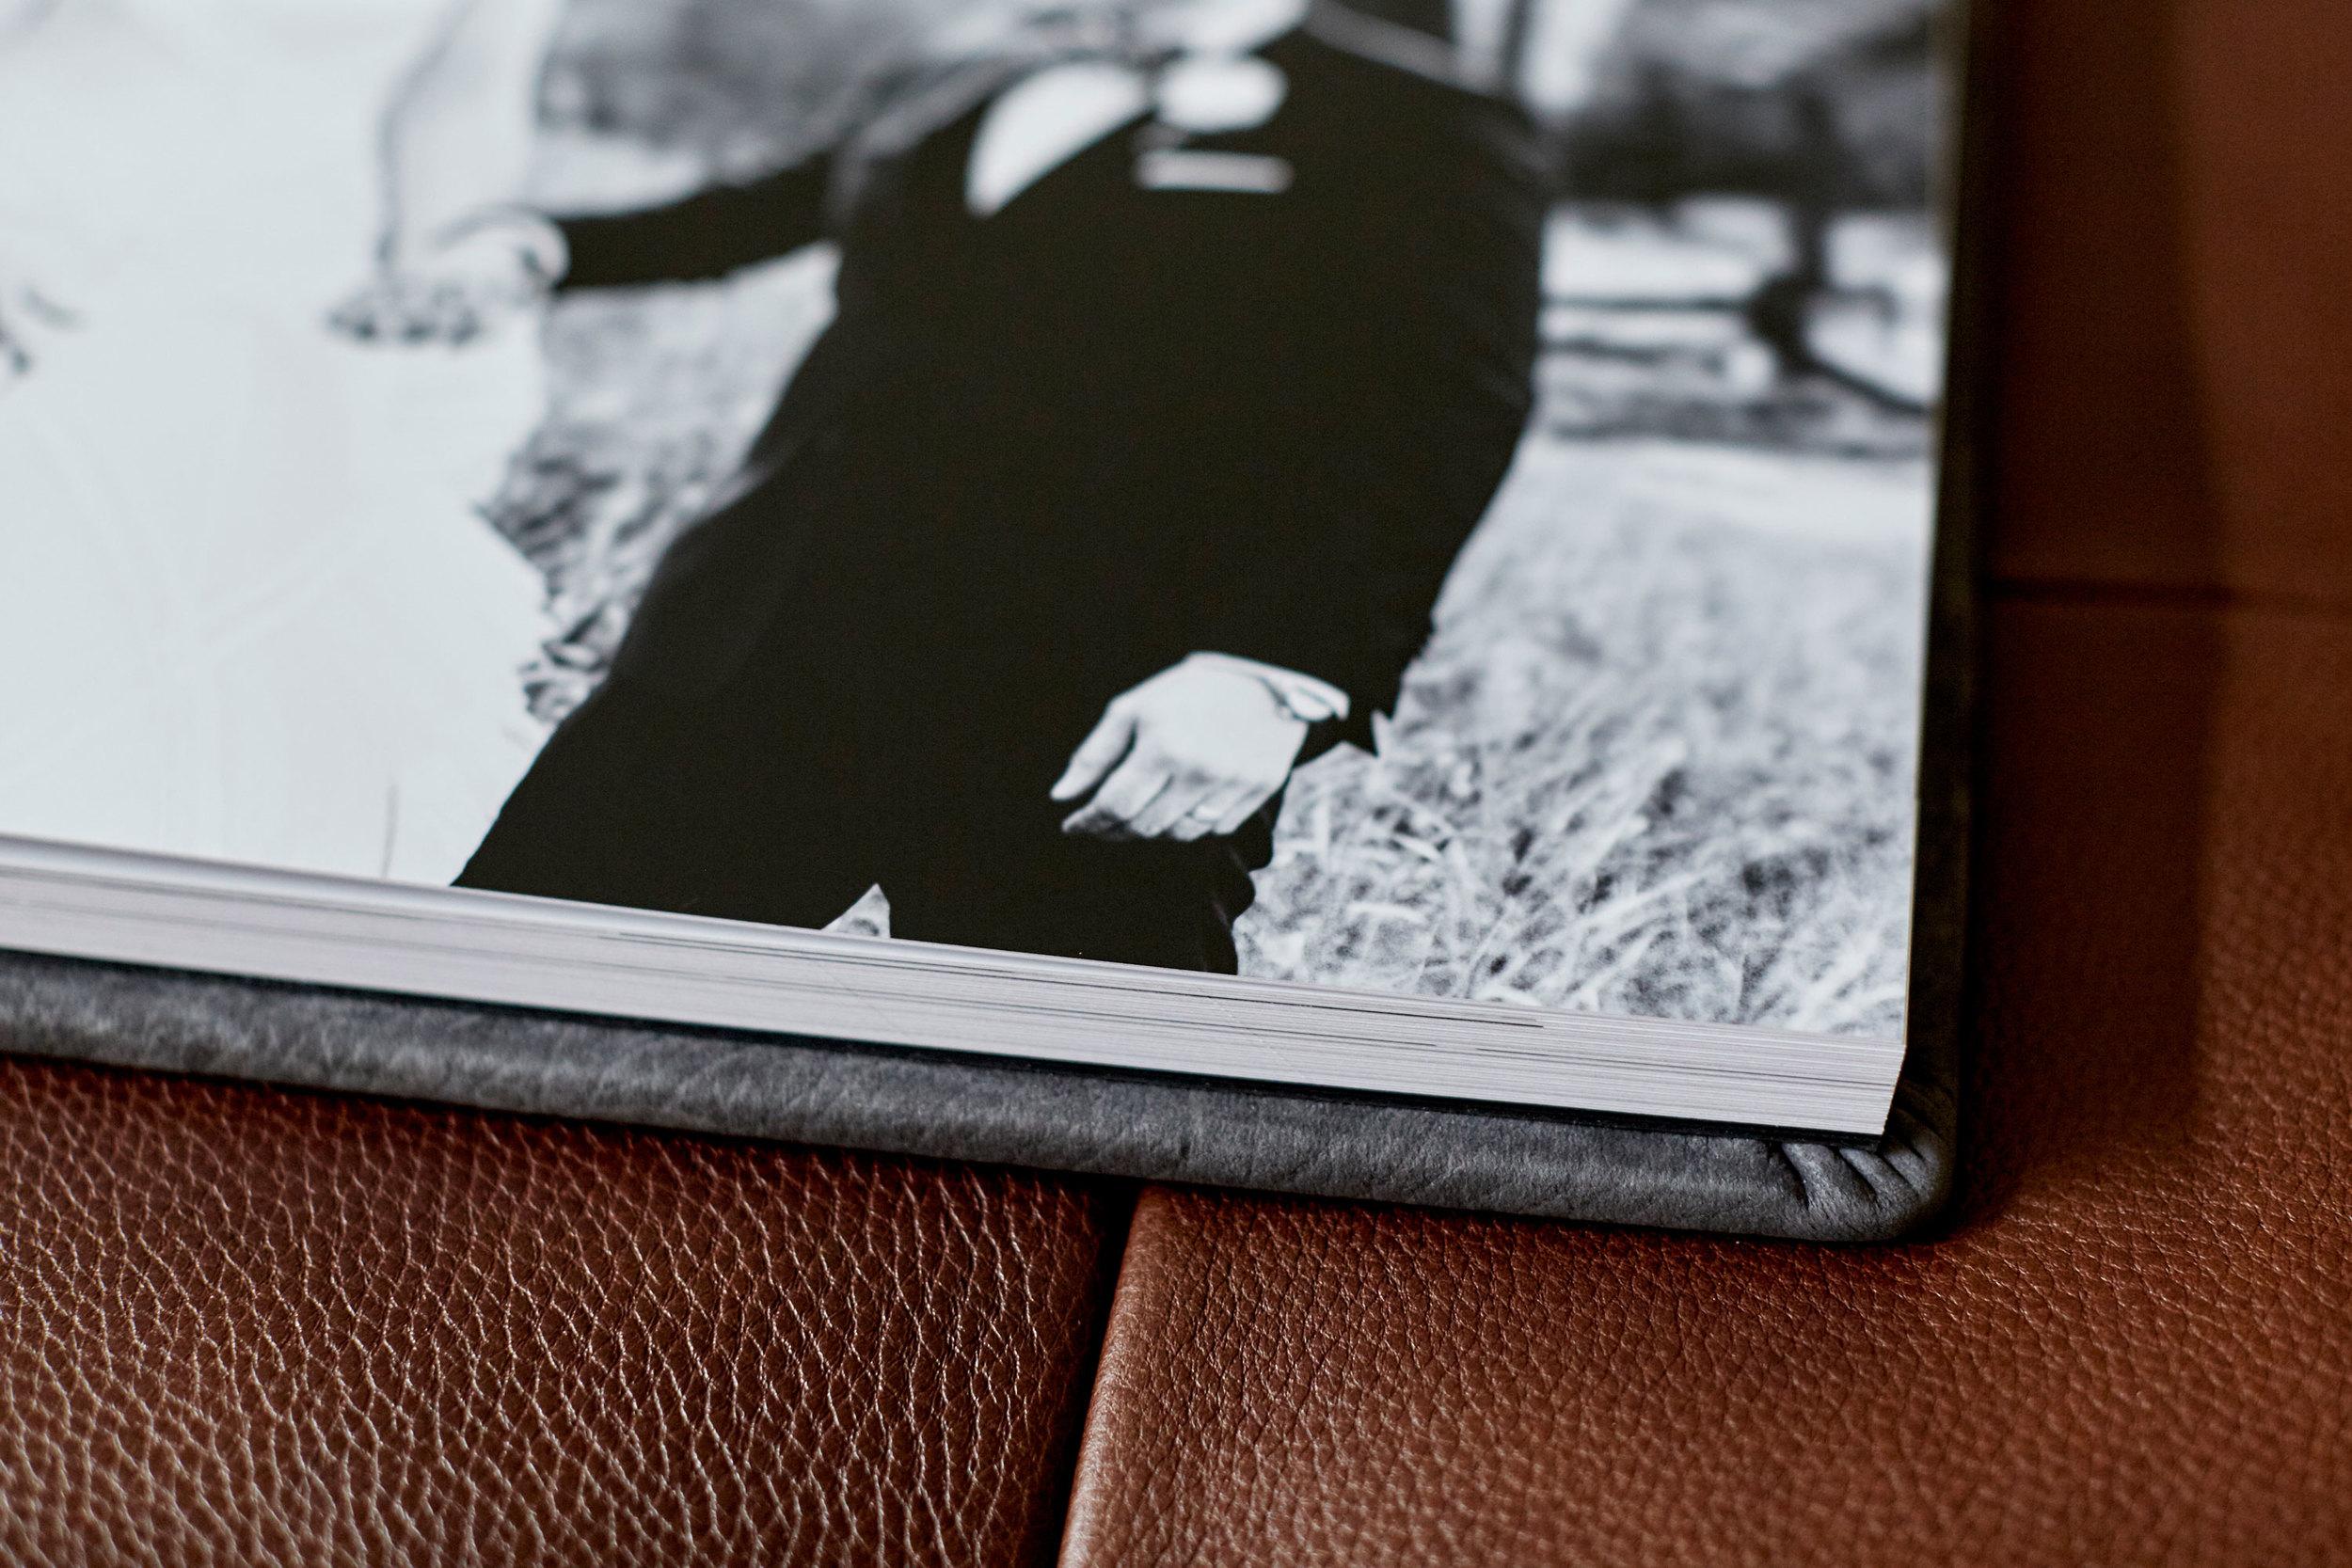 nickfayweddings-albums-large-004.jpg